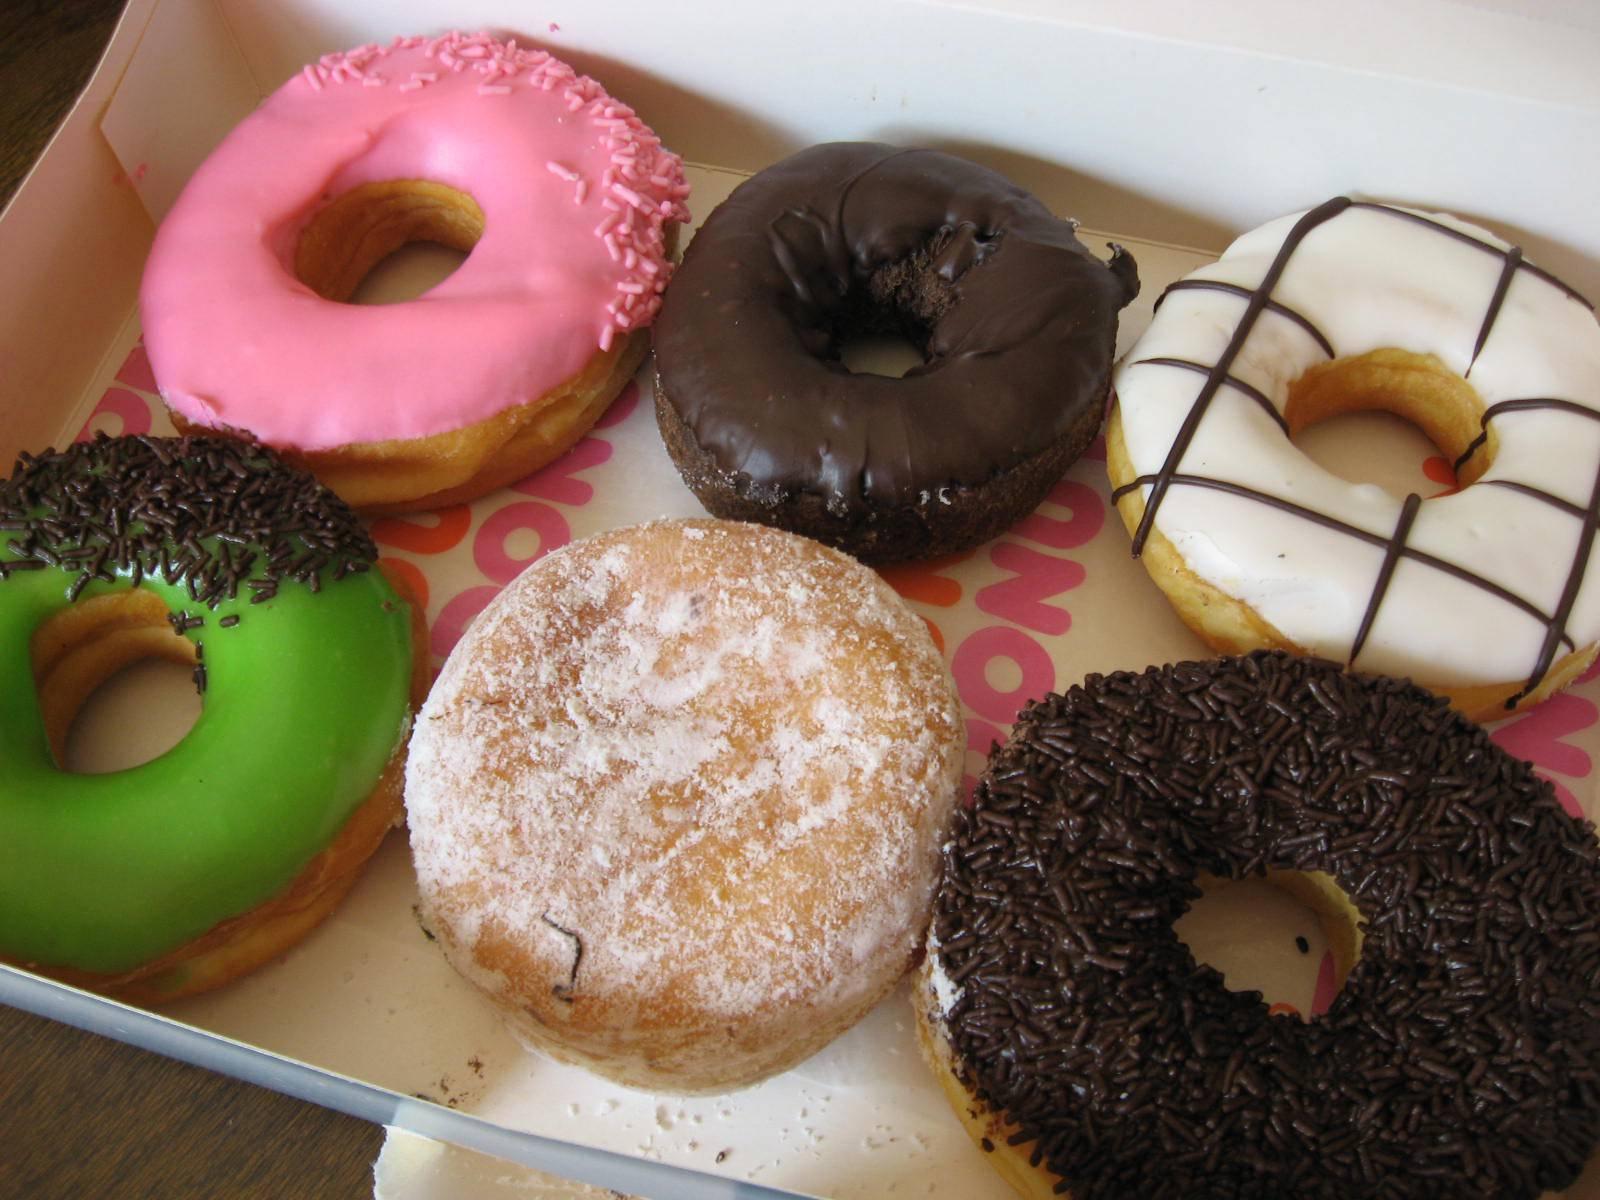 http://2.bp.blogspot.com/-RjN5gOZ5c94/T8UMu00XiGI/AAAAAAAAAHc/T45KhoLMYko/s1600/donut-wallpaper.jpg